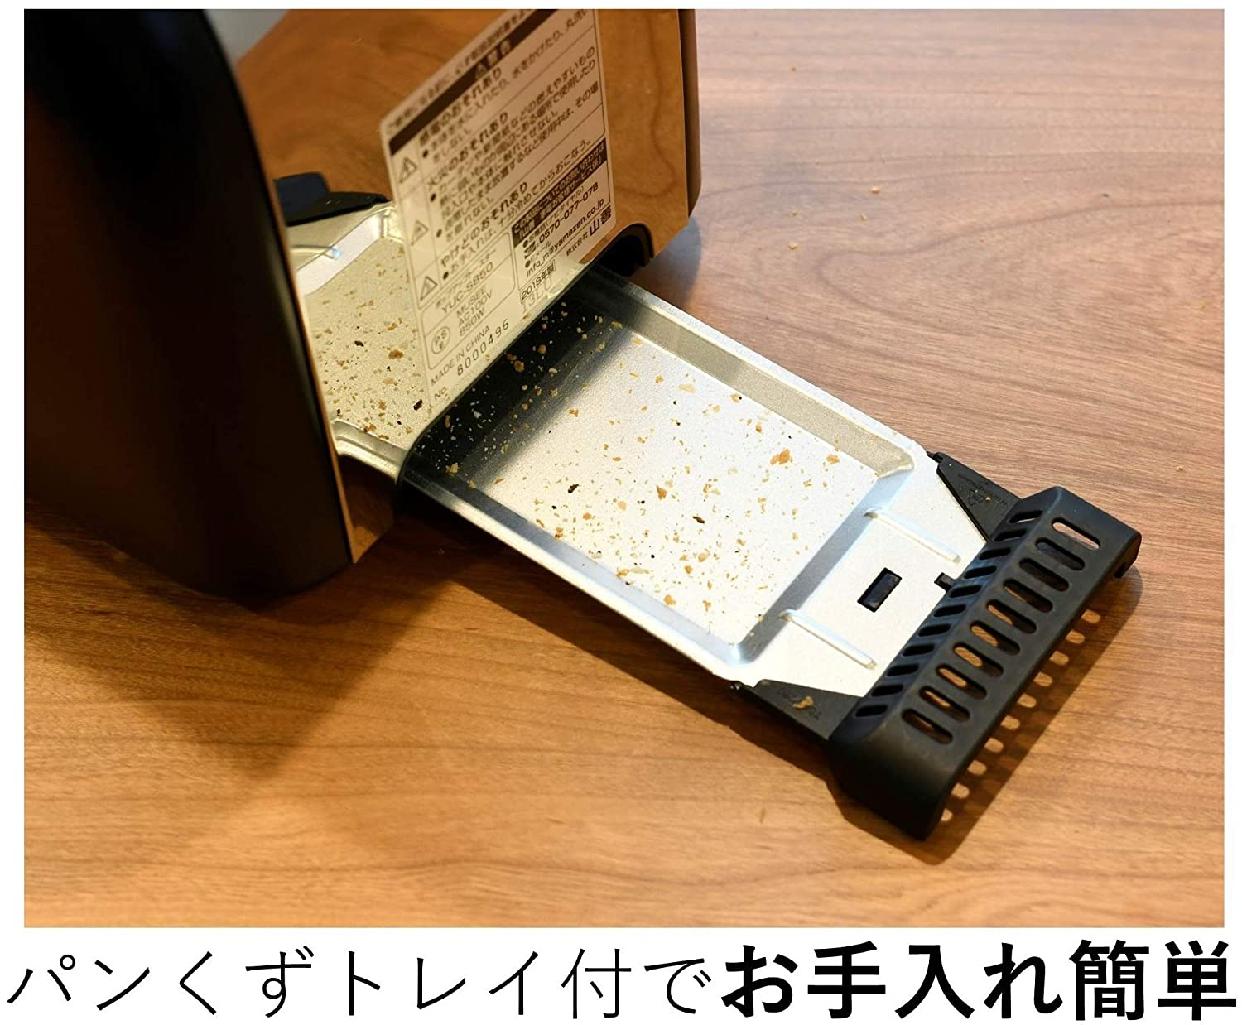 山善(YAMAZEN) ポップアップトースター シルバー YUC-S850の商品画像4